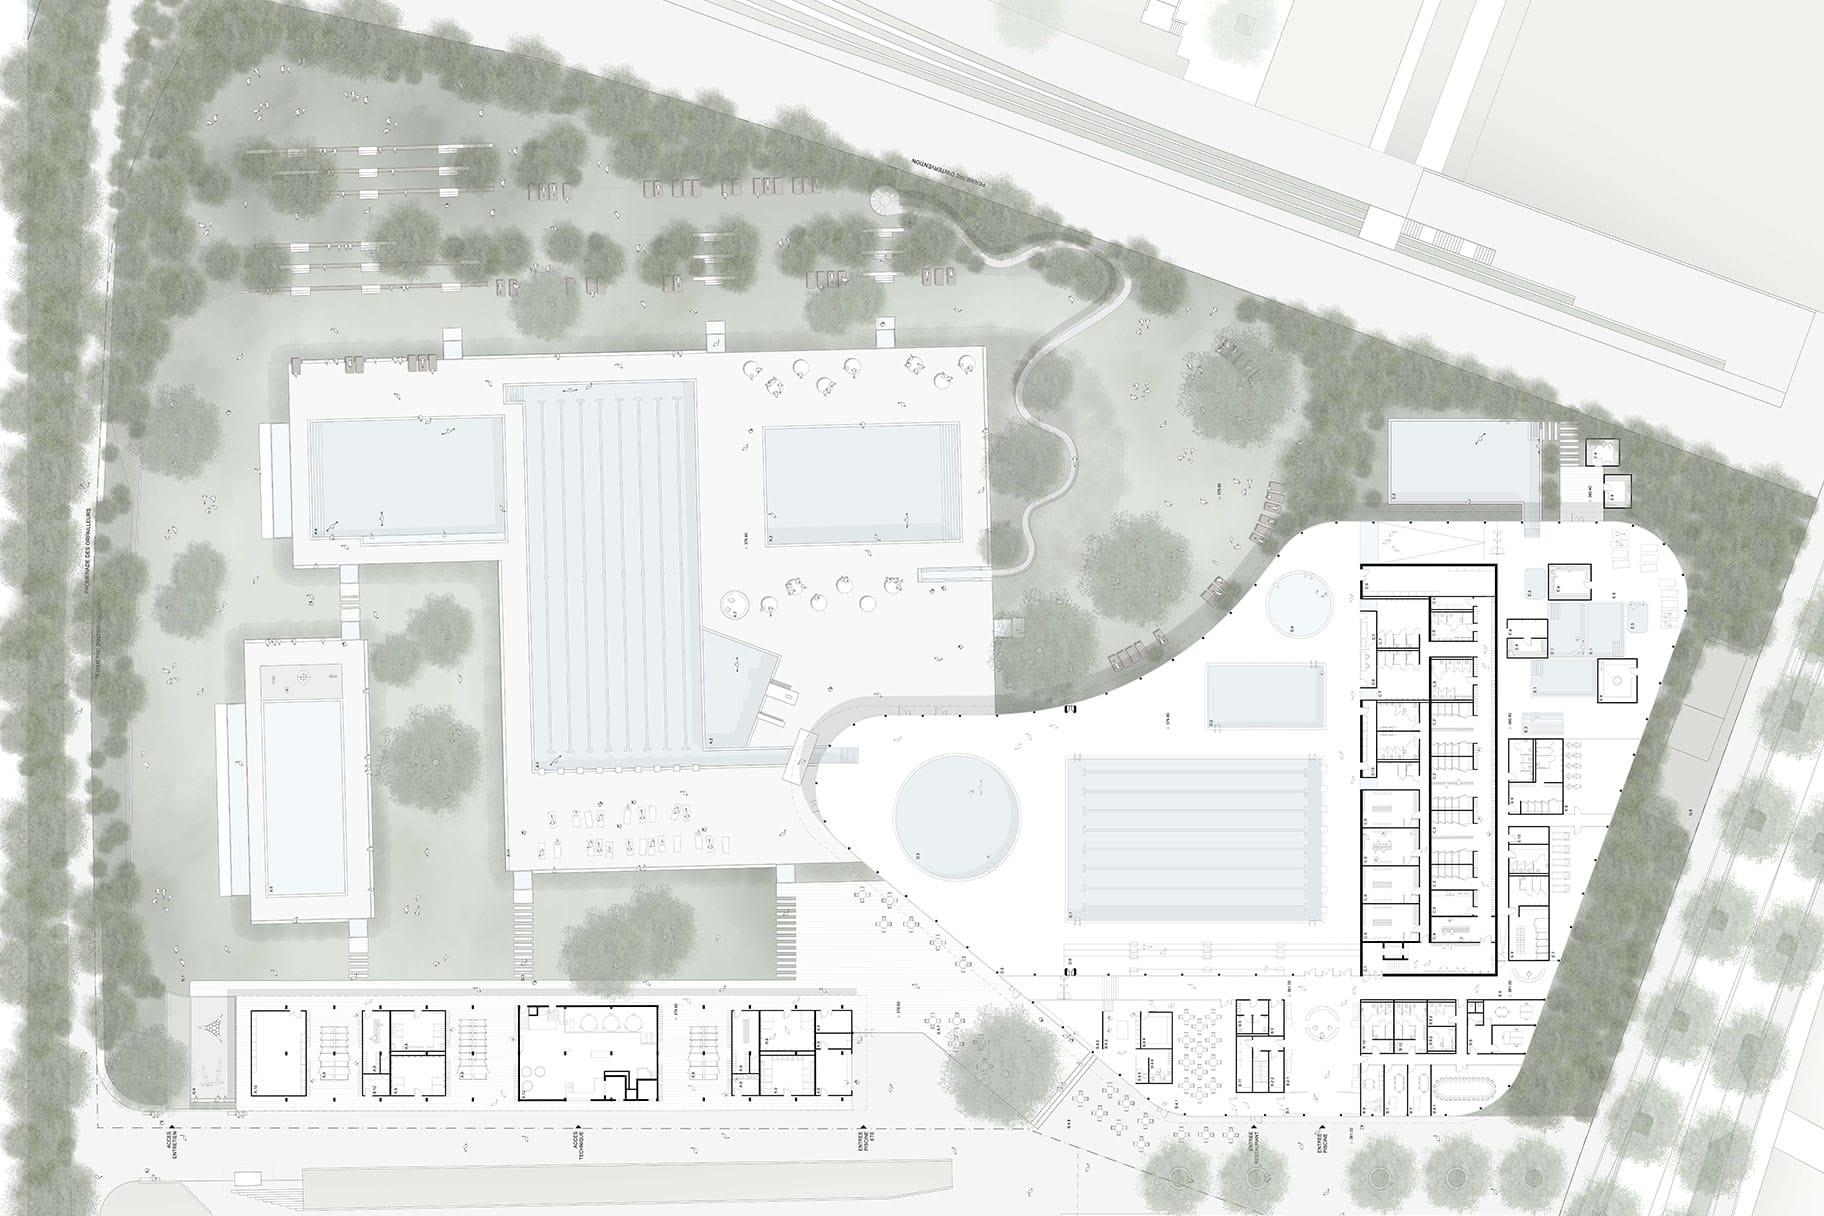 plan-concours-piscine-publique-fontenette-carouge-projet-vimade-architectes-paysagistes-collinfontaine-paysage-parc-ceva-arve